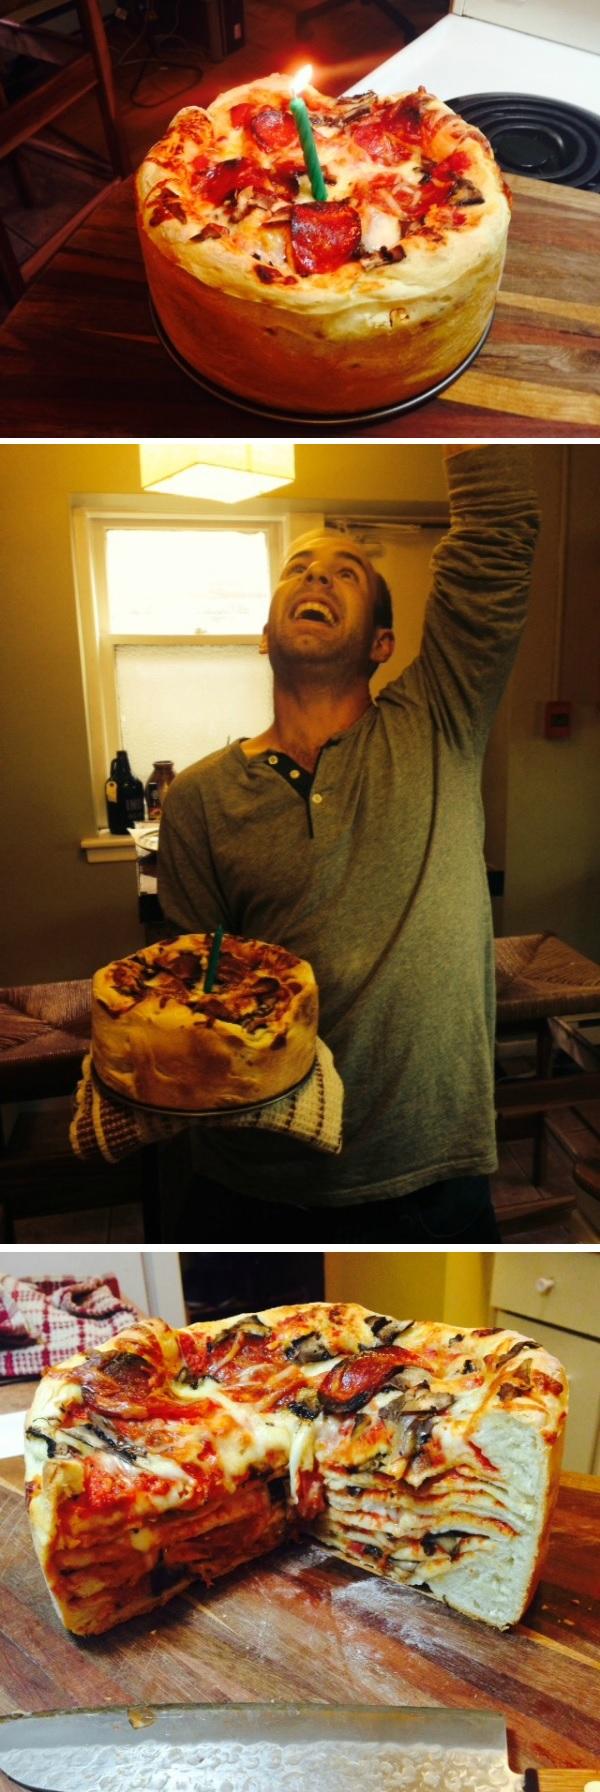 Best girlfriend ever makes boyfriend a Birthday Pizza Cake